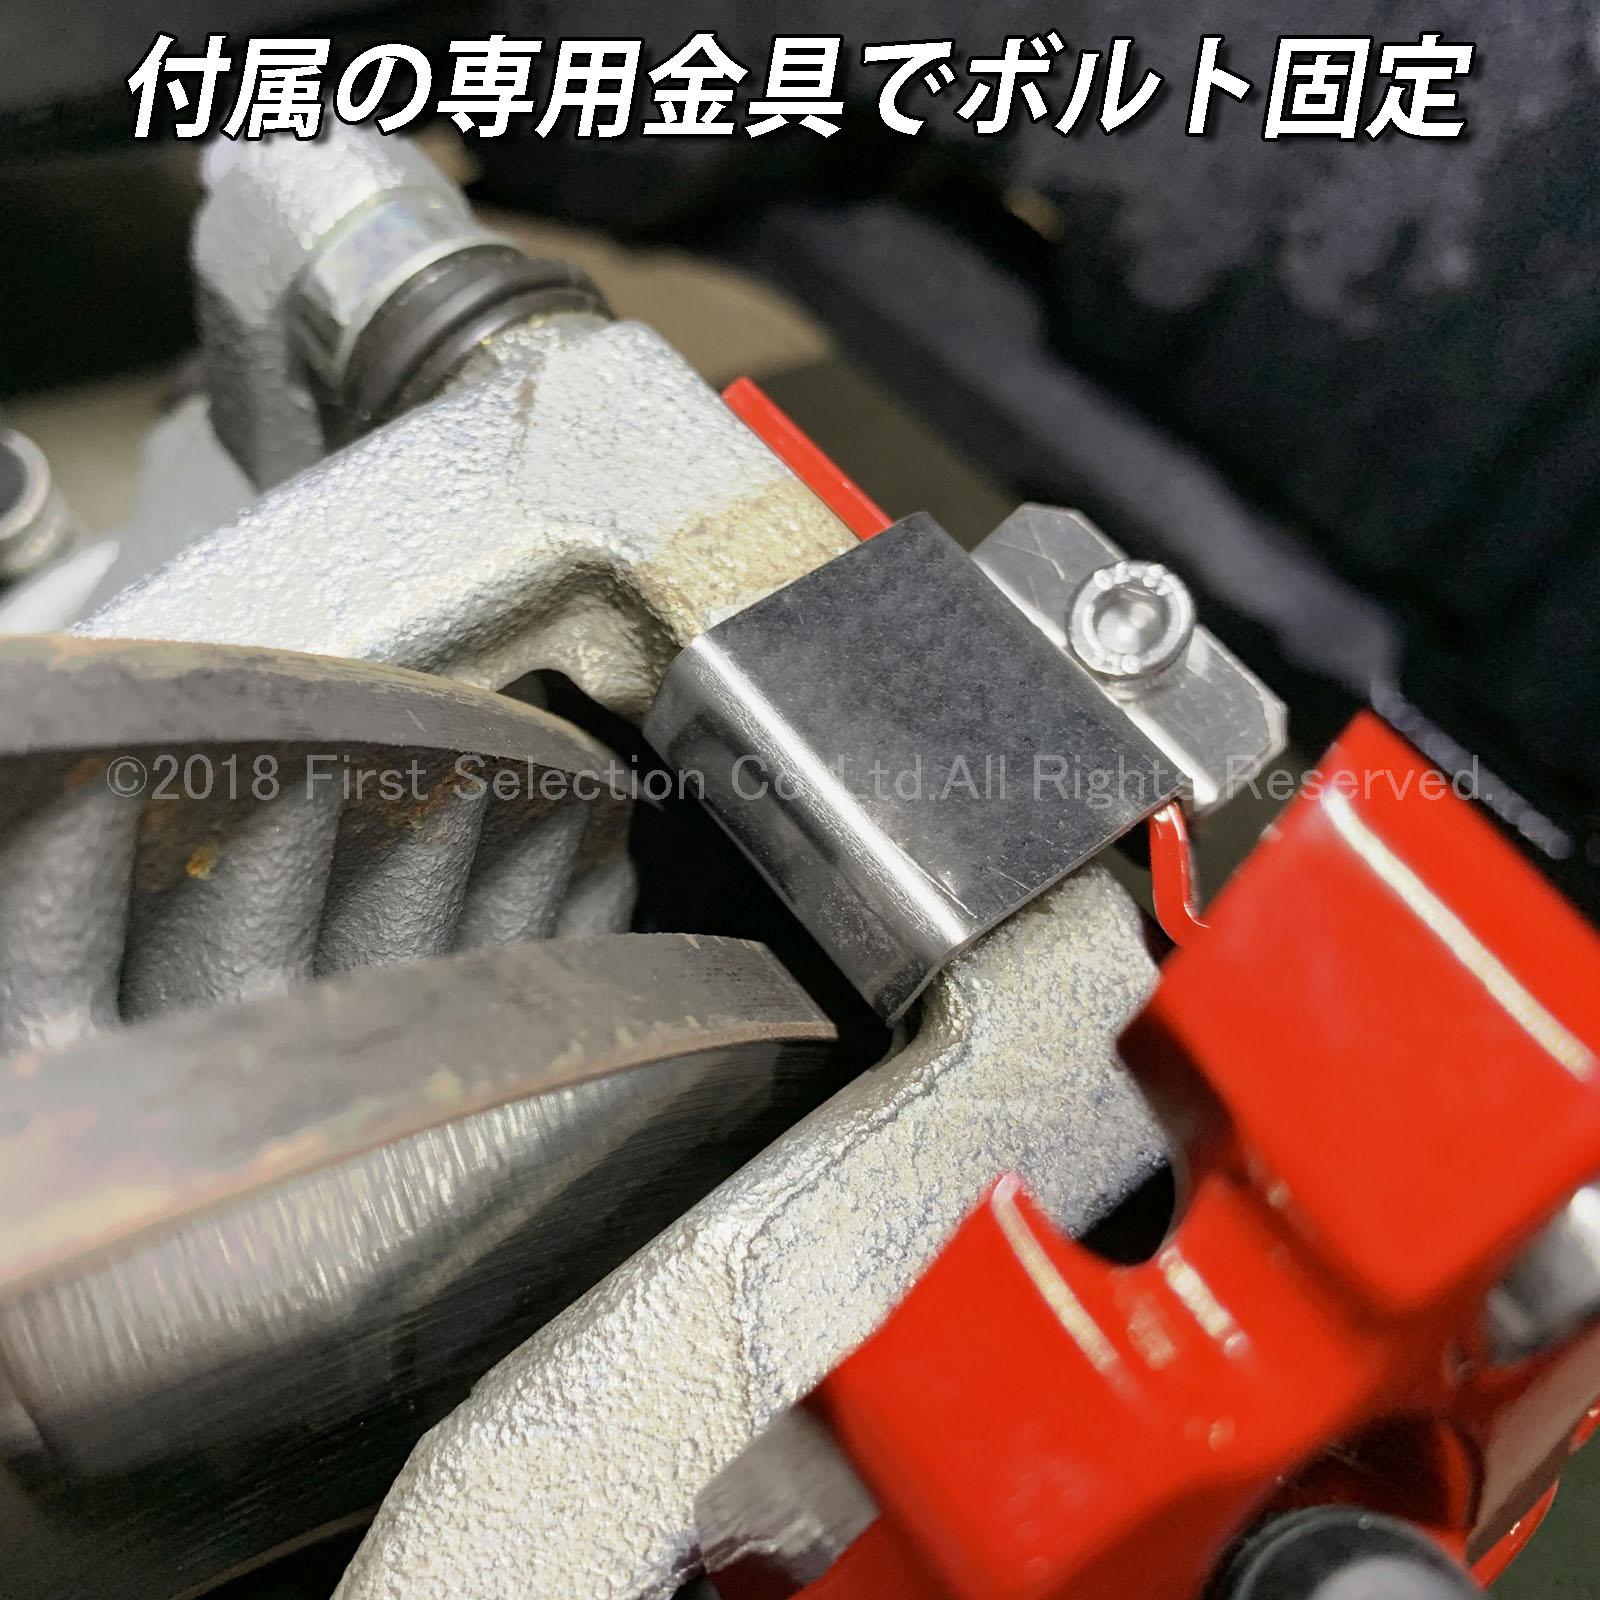 レクサス車 F-SPORTロゴ銀文字 CT200h用 高耐久金属製キャリパーカバーセット赤 LEXUS CT10系 CT200h ZWA10 Fスポーツ